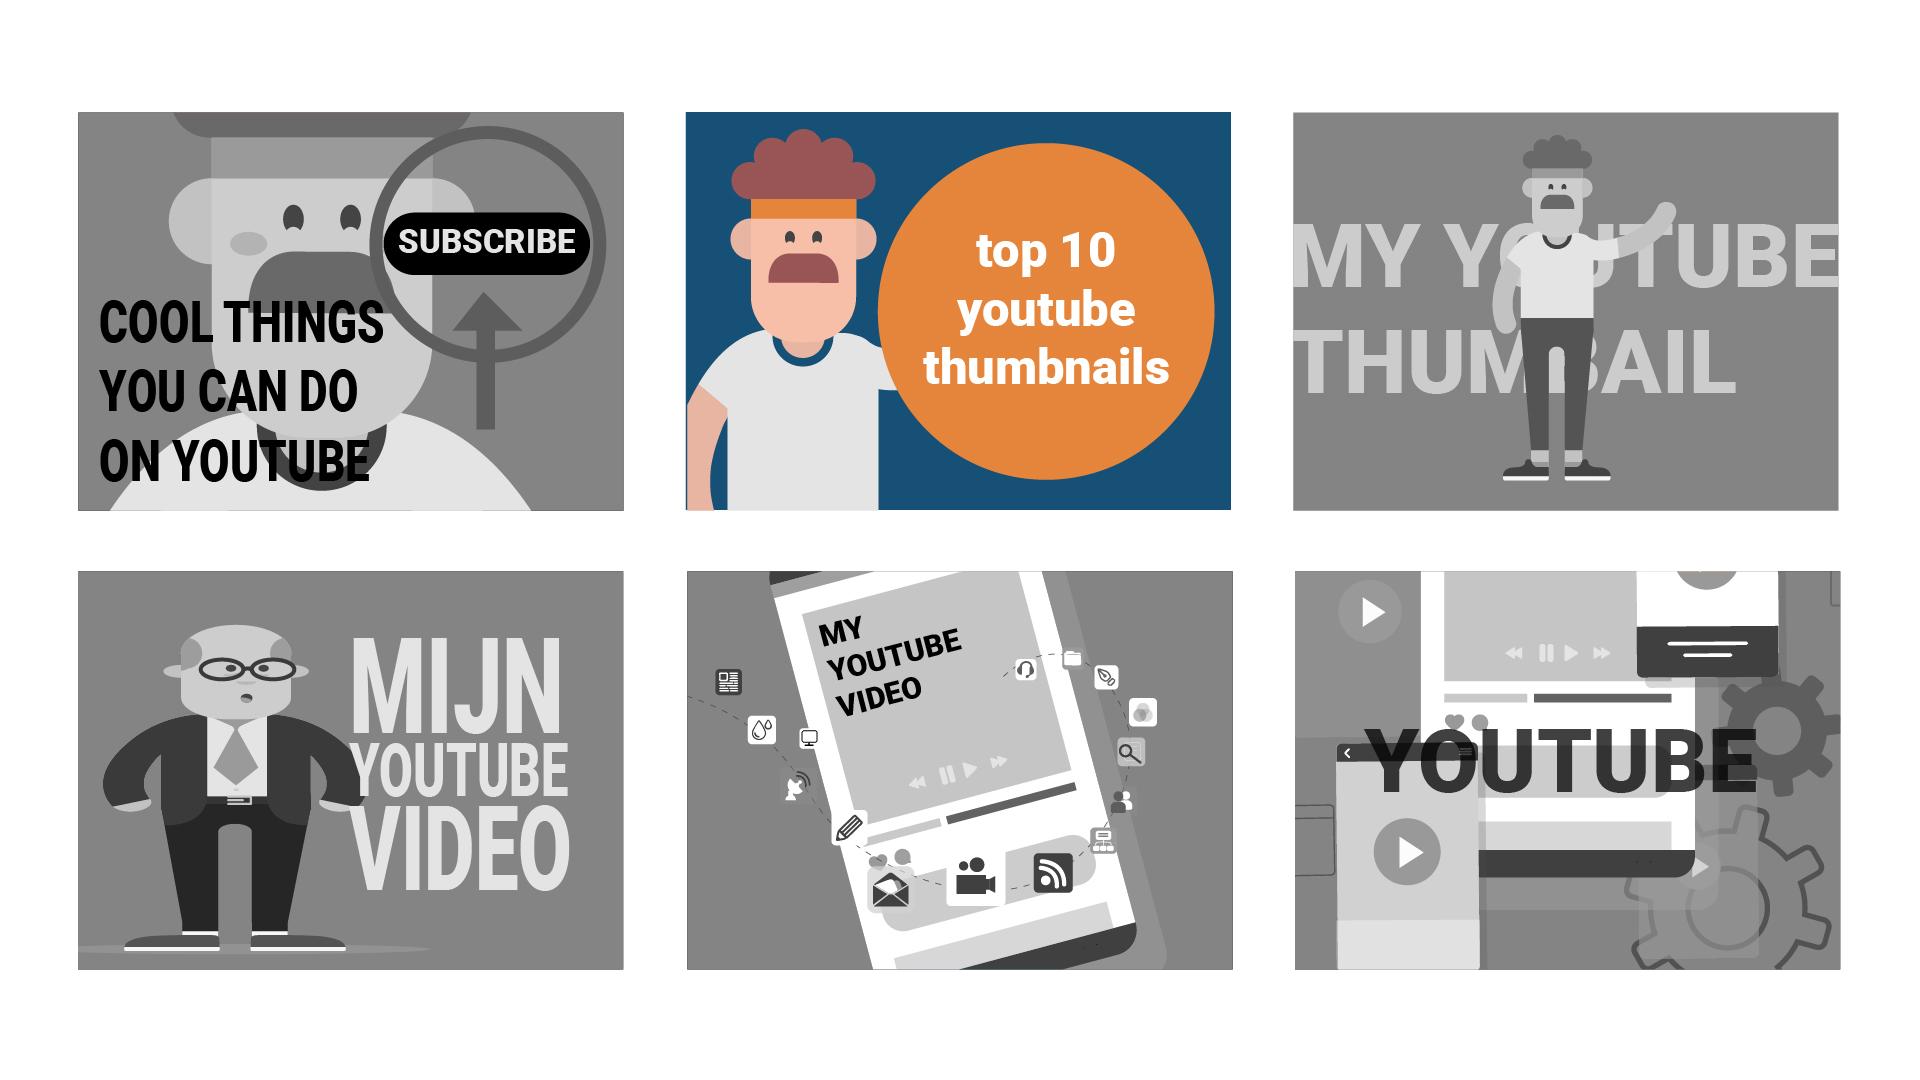 Voorbeeld van een opvallende thumbnail om meer views op YouTube te scoren.